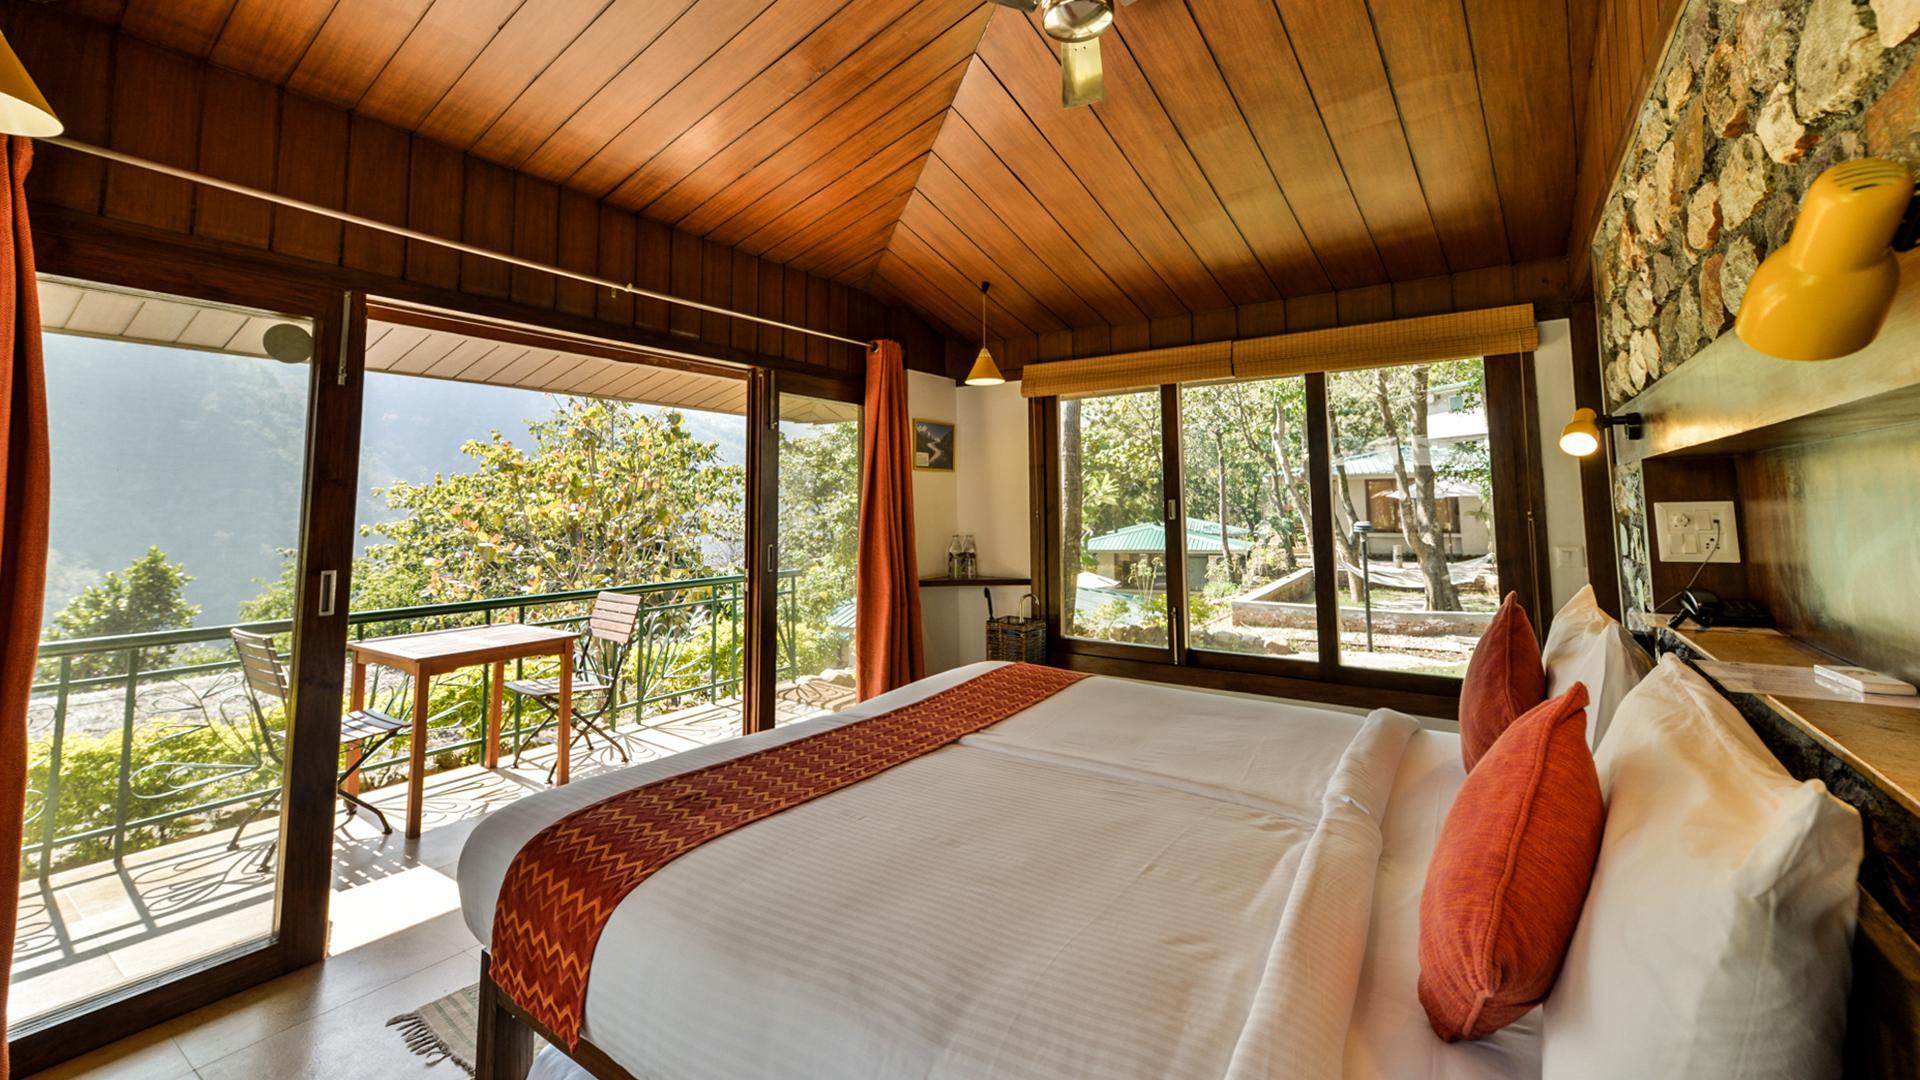 Independent Cottage image 1 at Atali Ganga by Tehri Garhwal, Uttarakhand, India